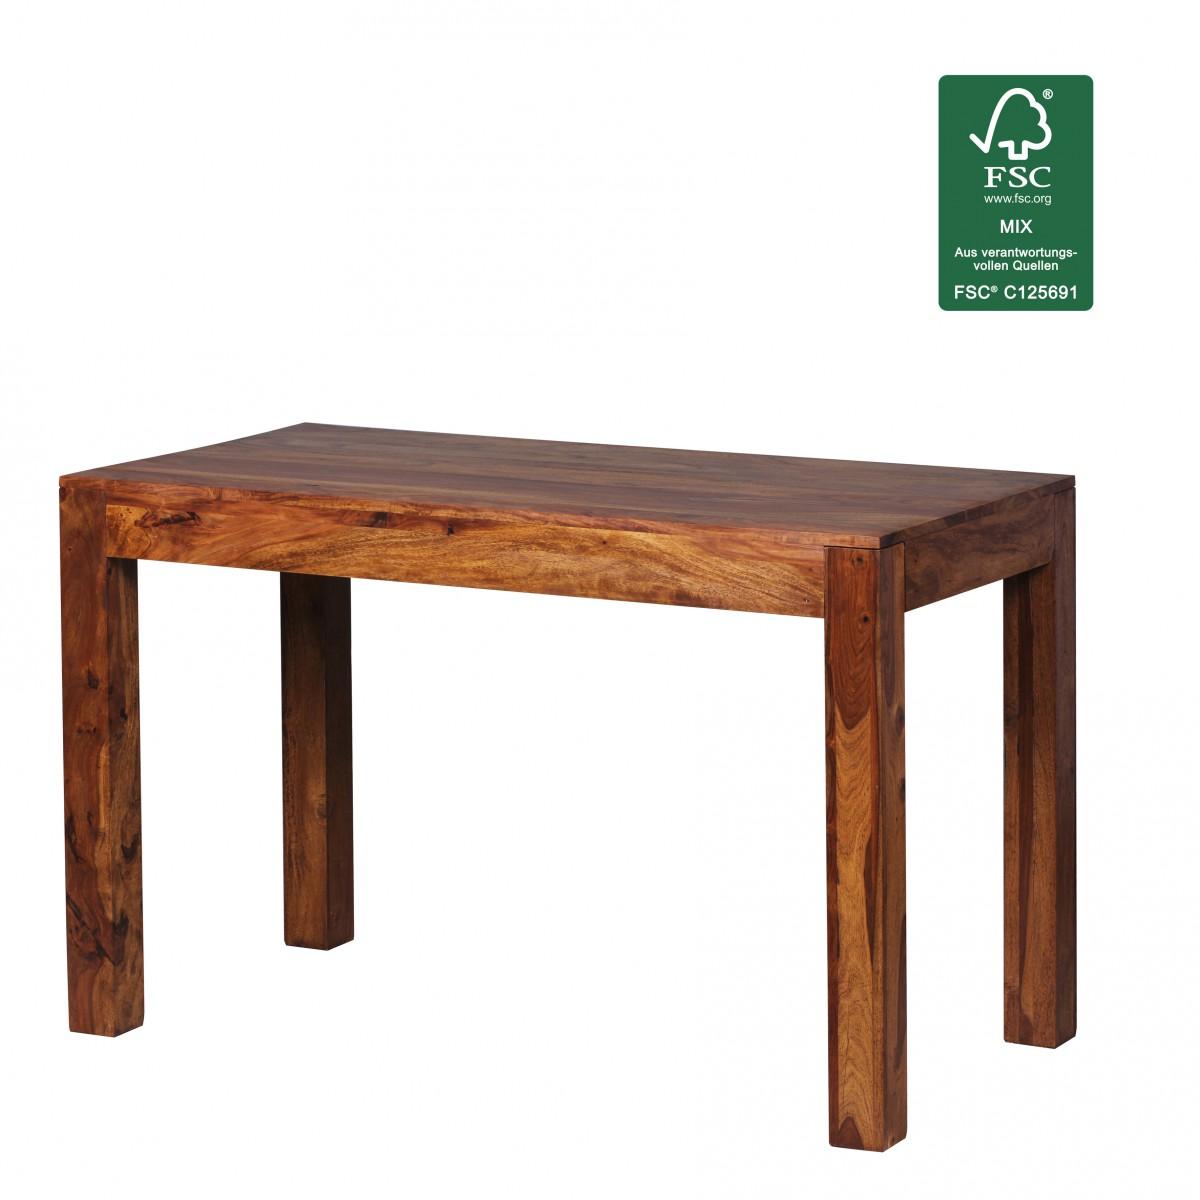 Design Esstisch Holz Massiv 120 X 60 X 76 Cm | Moderner Esszimmertisch  Sheesham Palisander Für 4   6 Personen Massivholz 37950